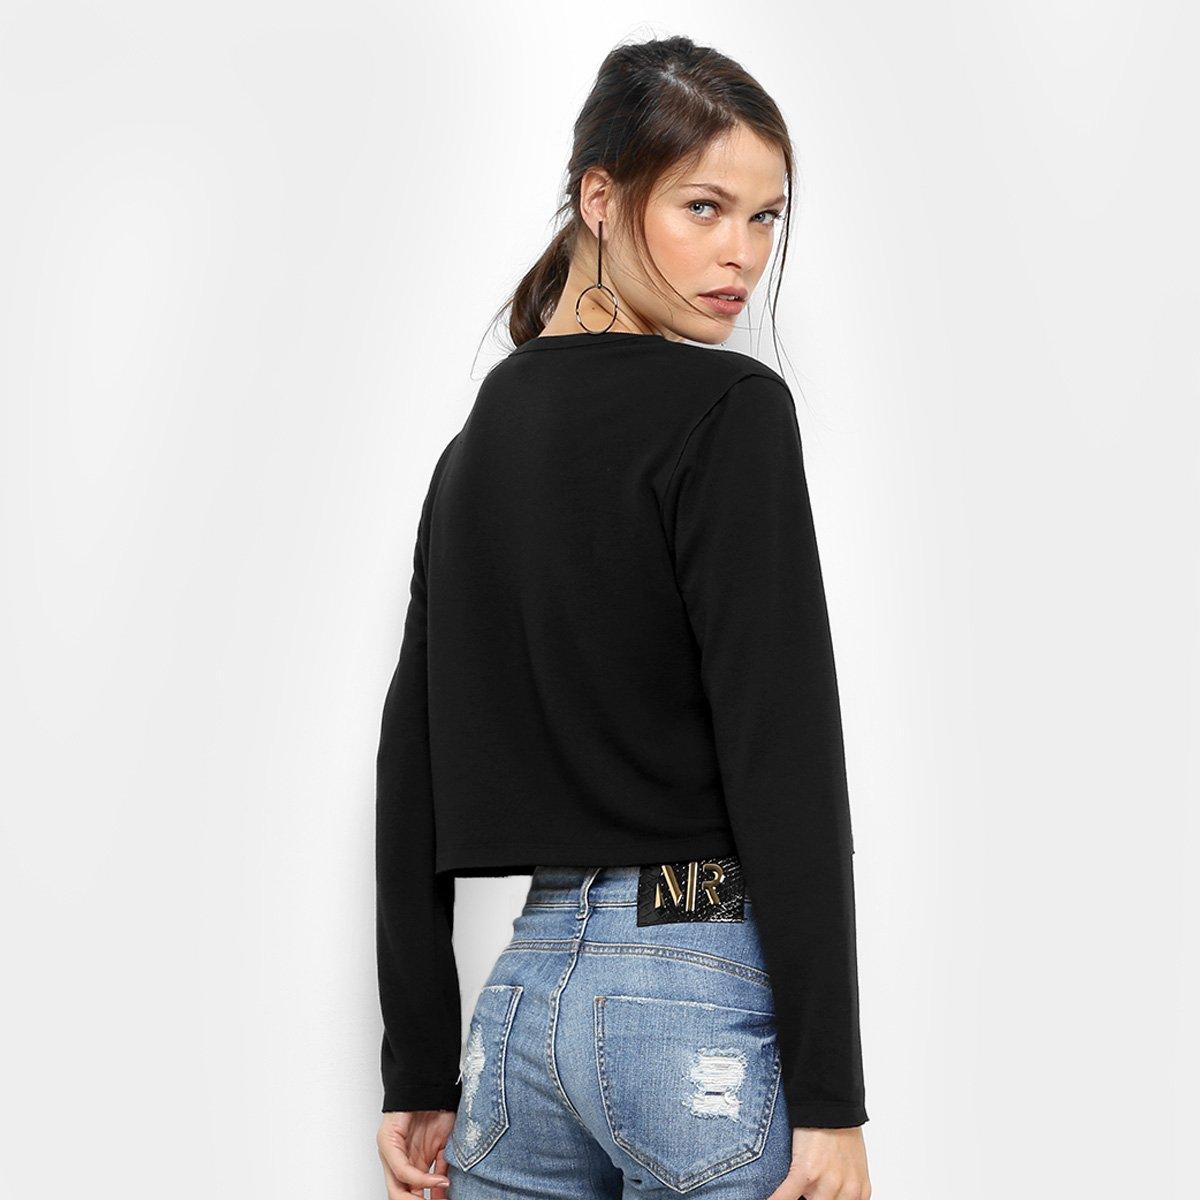 a67353983 ... Foto 2 - Malha Dimy Top Cropped Silk Recorte Feminina